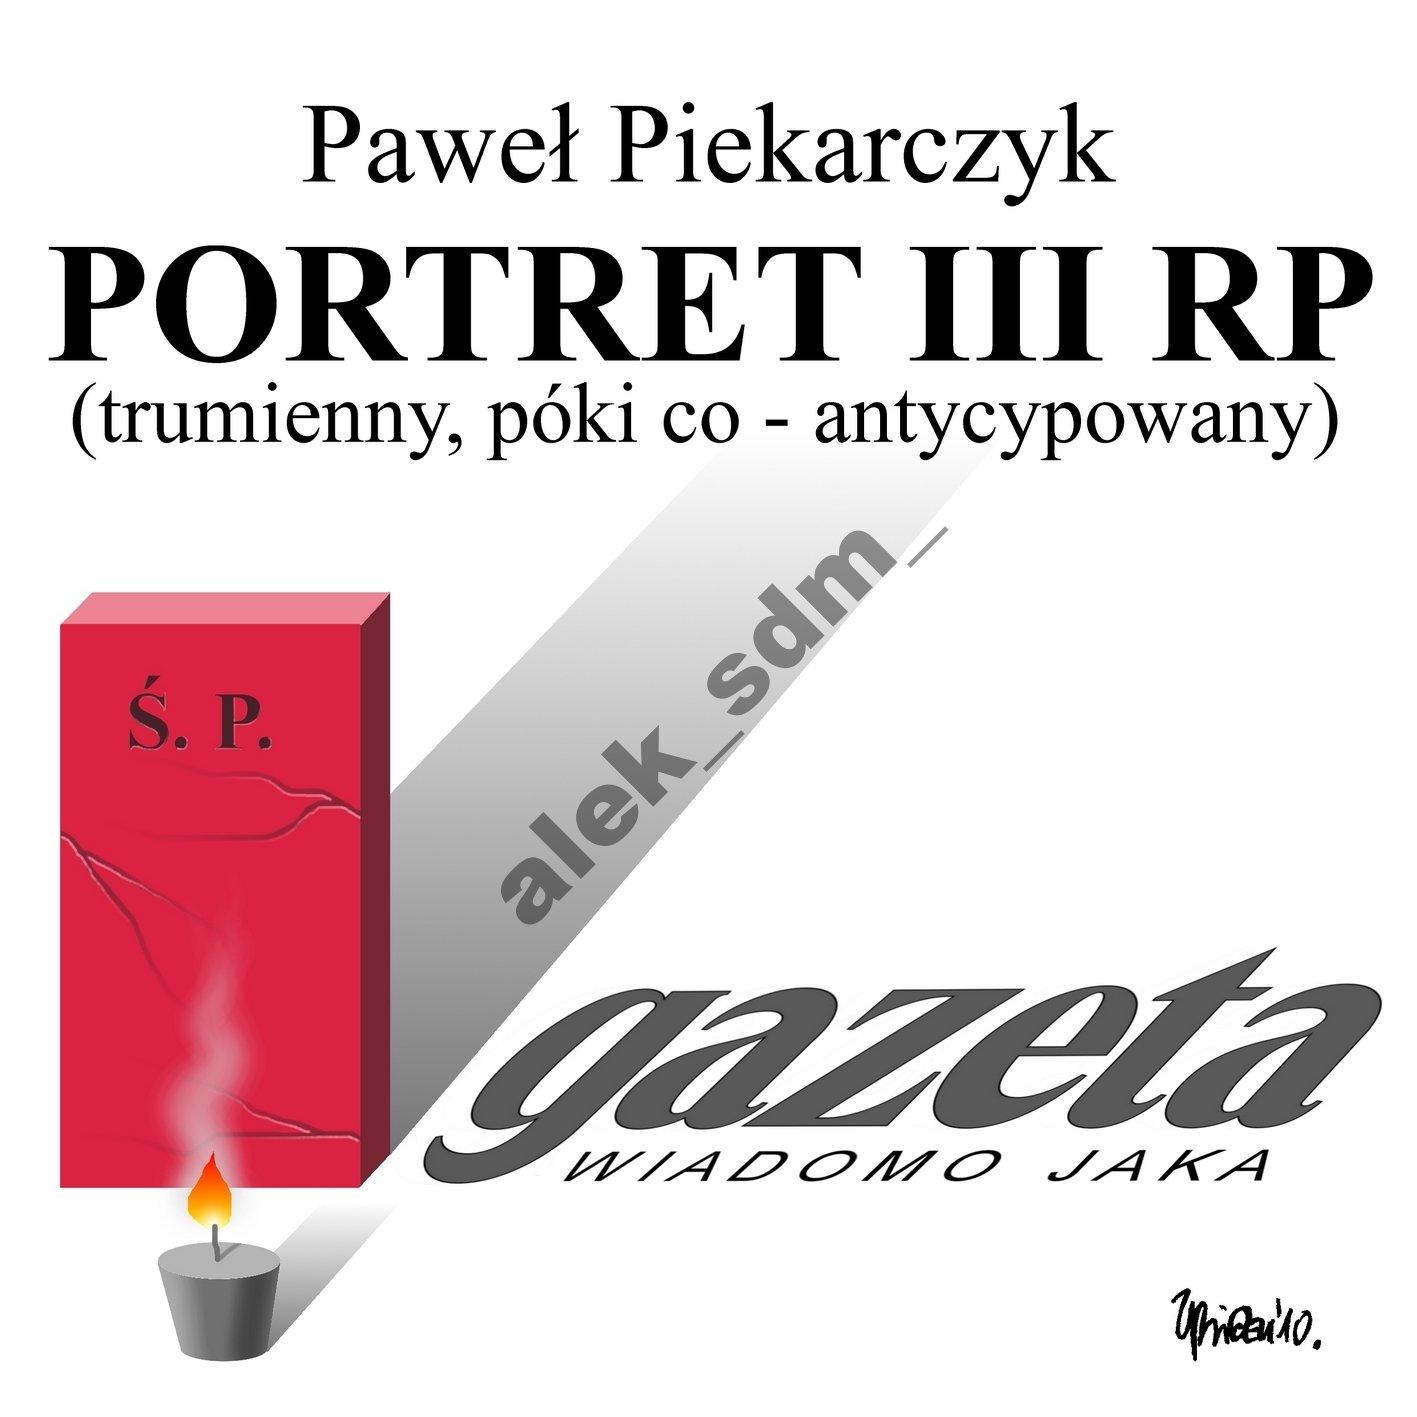 PORTRET III RP - Paweł Piekarczyk - CD ORYGINAŁ